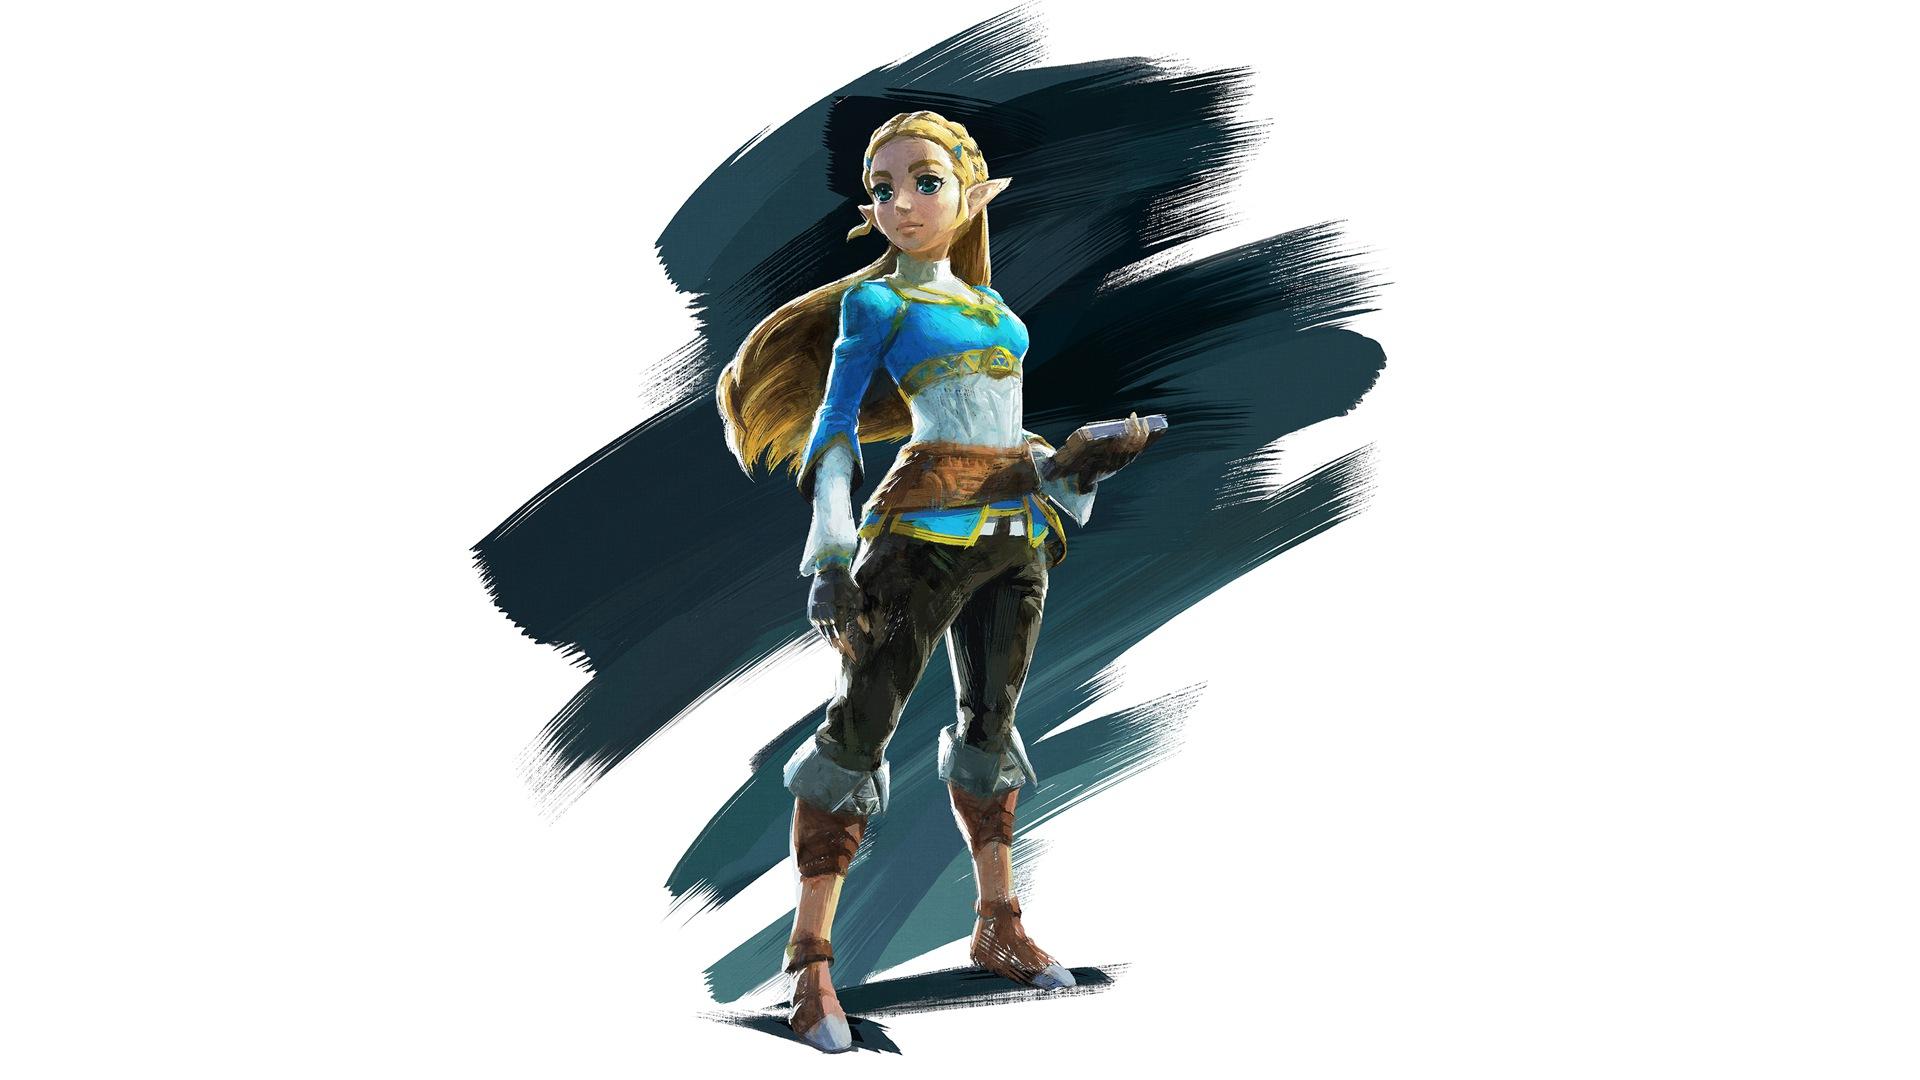 Zelda Breath Of The Wild Wallpaper Hd: Download 1920x1080 Wallpaper The Legend Of Zelda: Breath